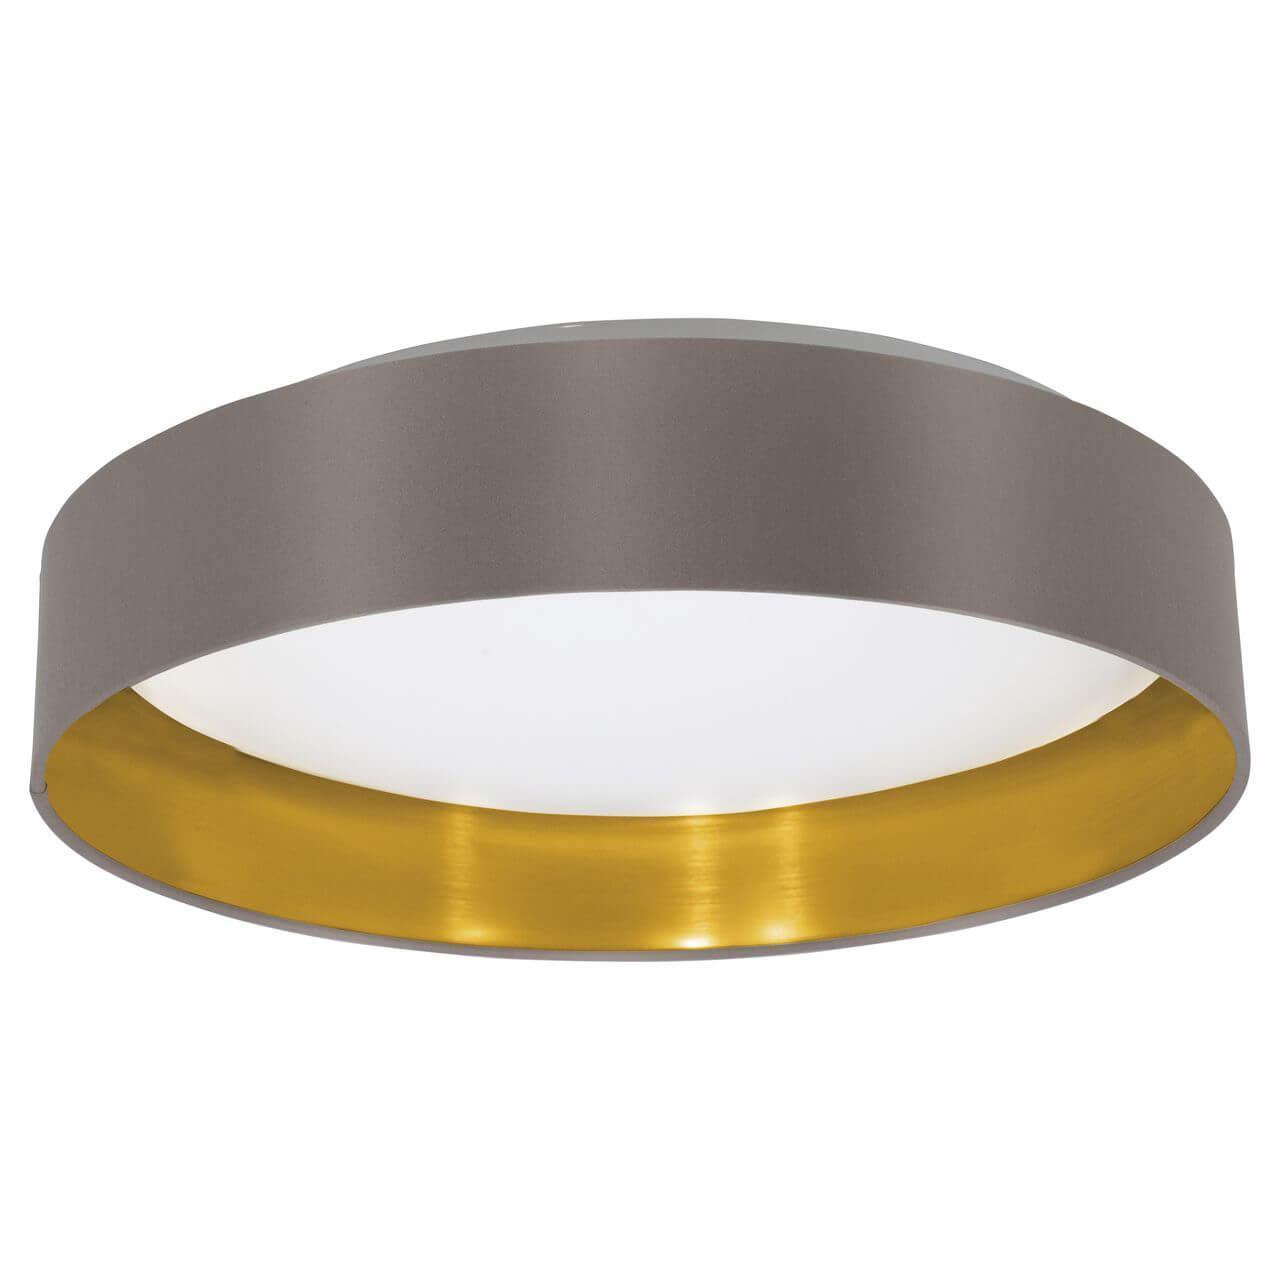 Настенно-потолочный светильник Eglo 31625, коричневый цена